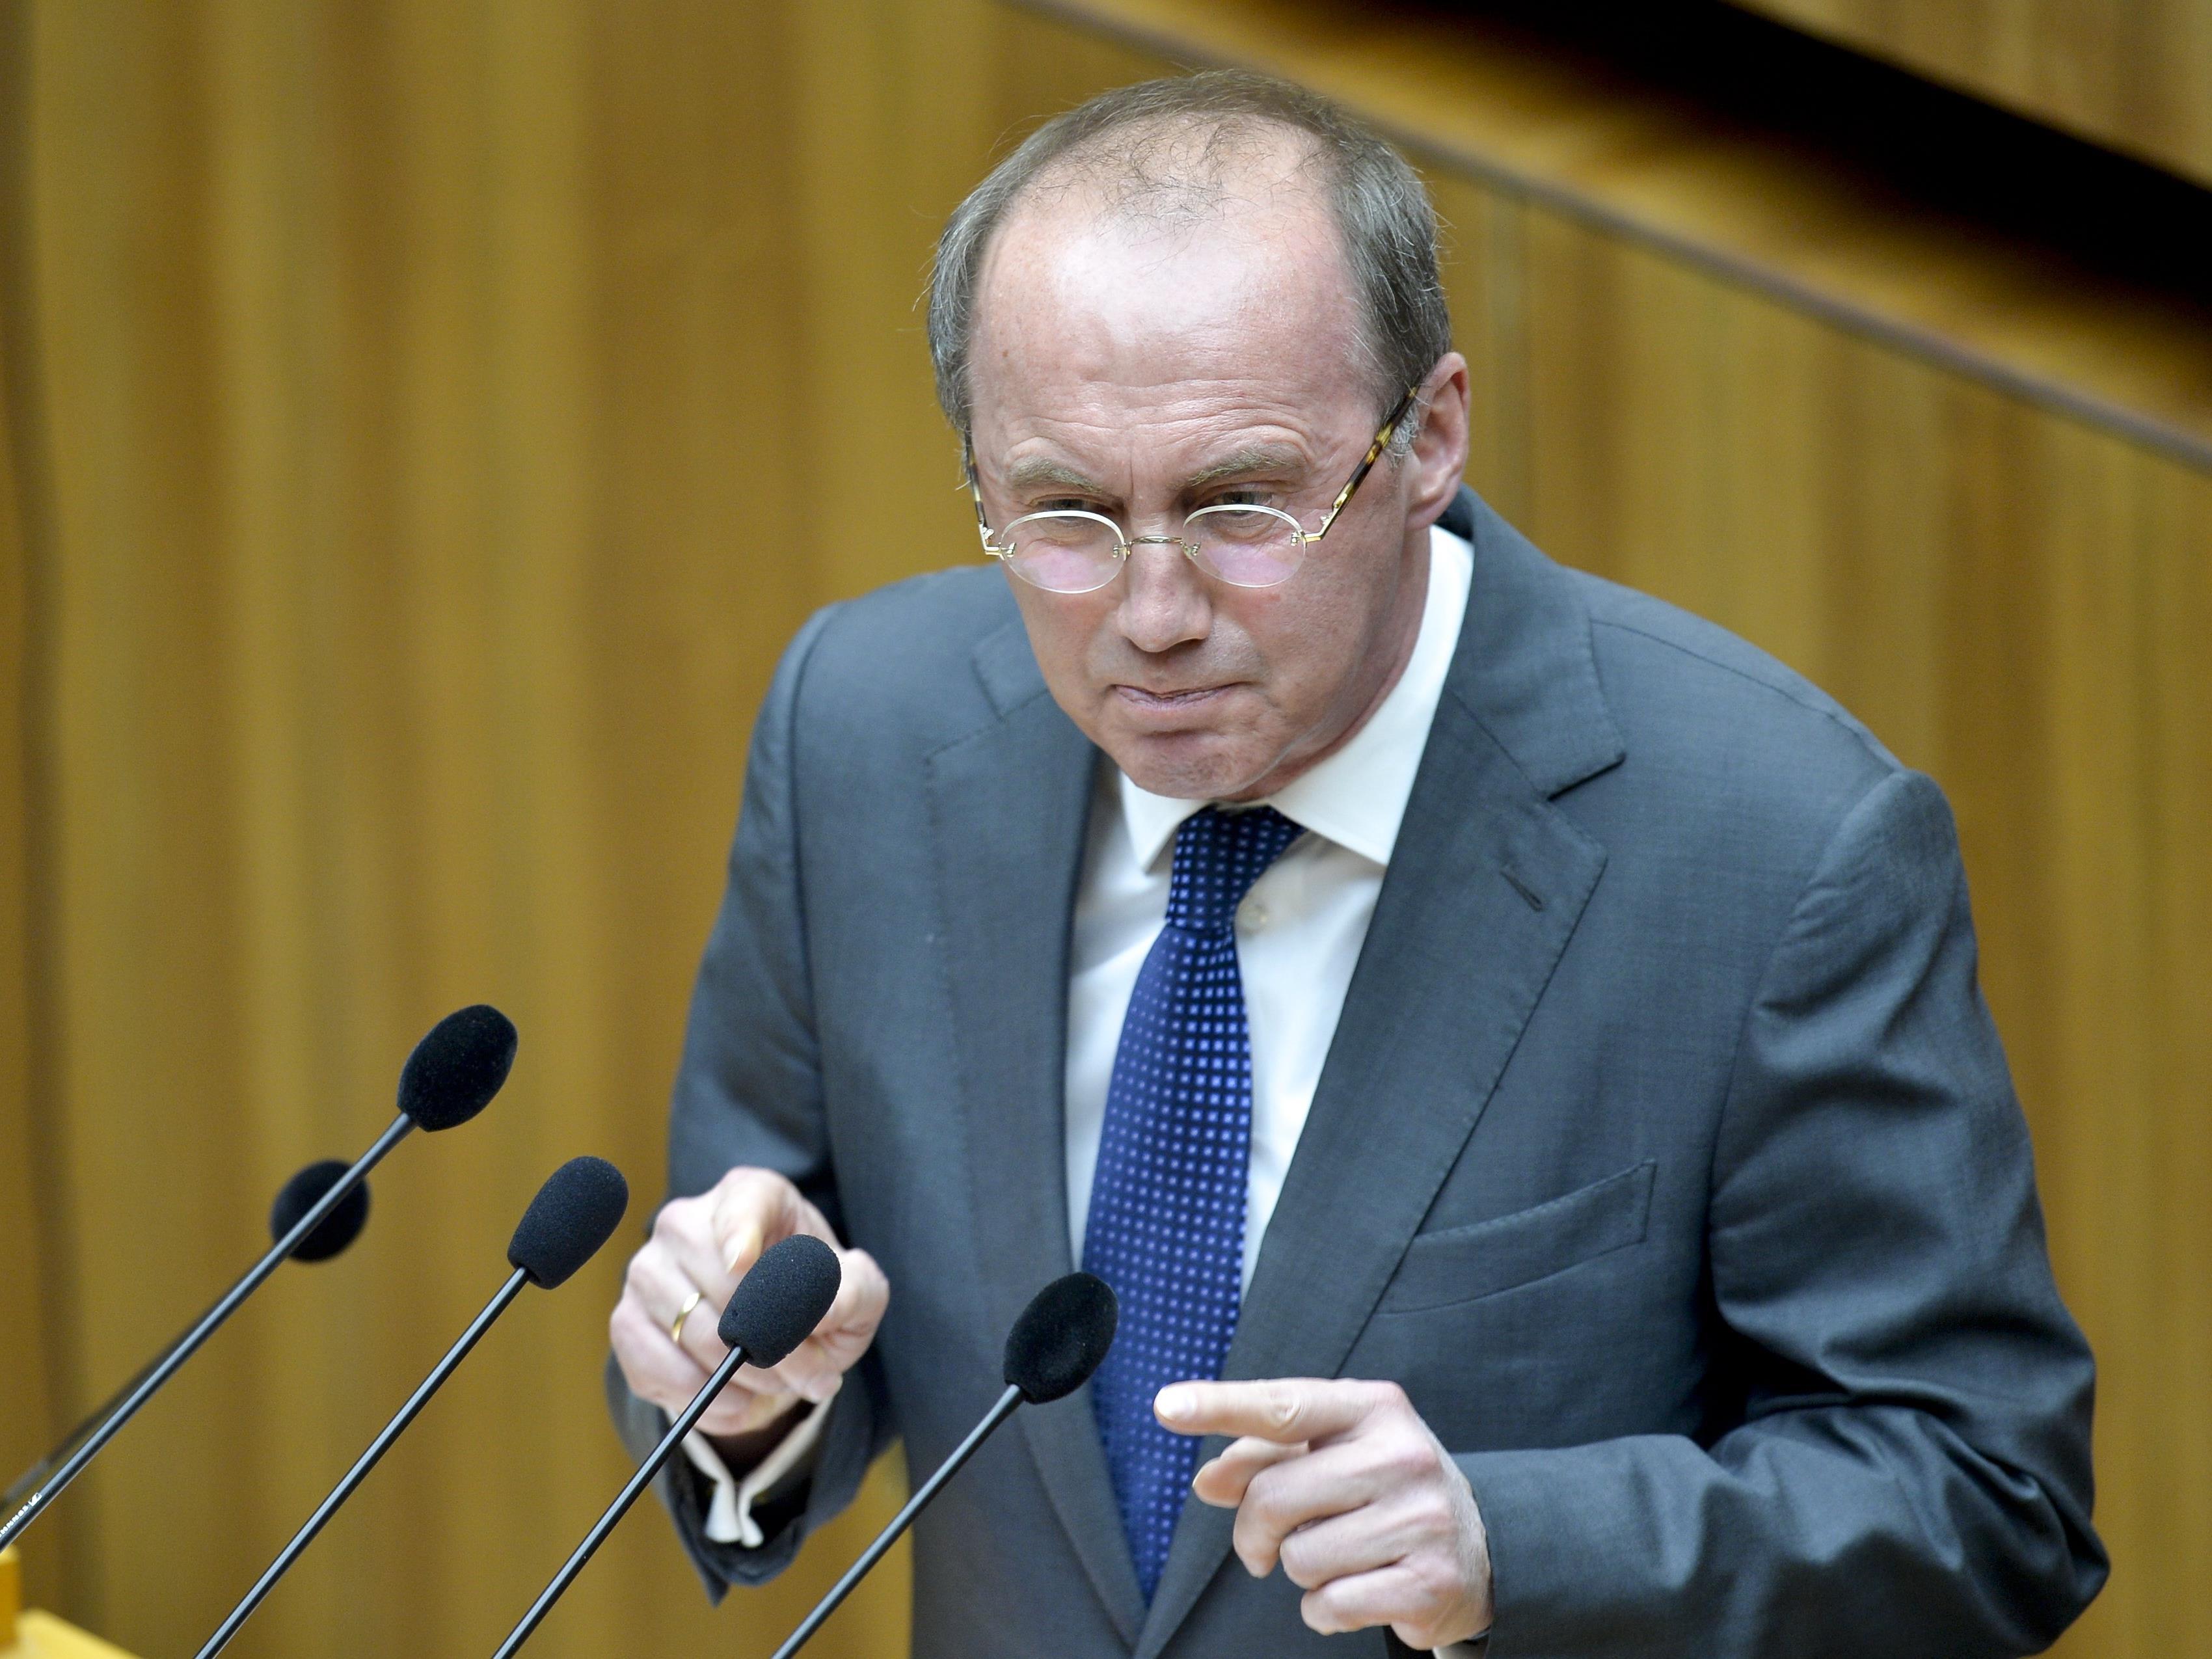 Der Europa-Abgeordnete Othmar Karas war einer der Redner.